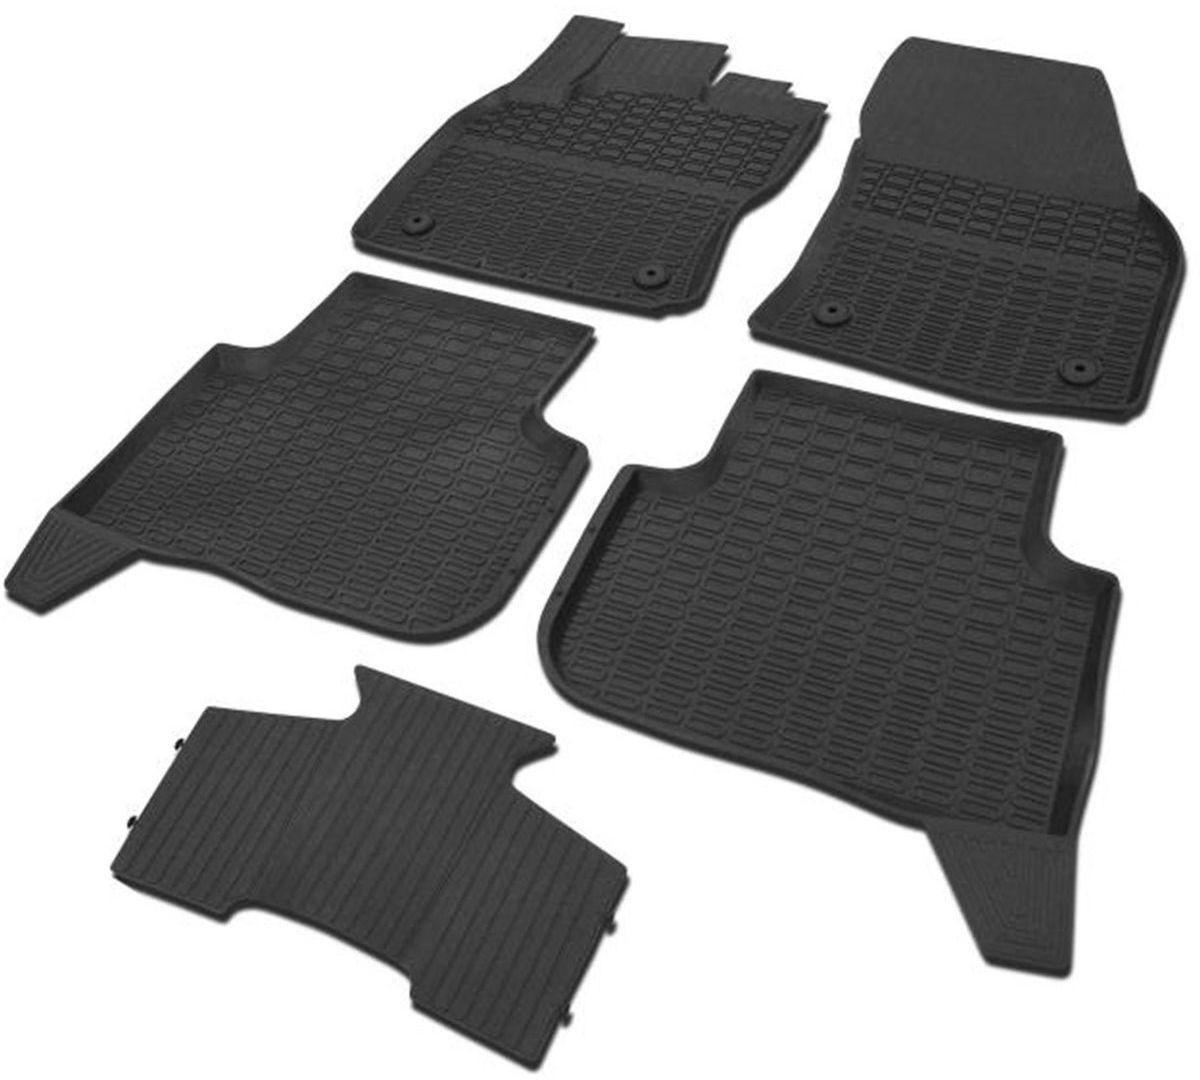 Коврики в салон литьевые Rival для Volkswagen Tiguan 2017-н.в., с крепежом, с перемычкой, резина, 5 шт. 6580500265805002Современная версия ковриков Rival для автомобилей, изготовлены из высококачественного и экологичного сырья с использованием технологии высокоточного литья под давлением, полностью повторяют геометрию салона вашего автомобиля.- Усиленная зона подпятника под педалями защищает наиболее подверженную истиранию область.- Надежная система крепления, позволяющая закрепить коврик на штатные элементы фиксации, в результате чего отсутствует эффект скольжения по салону автомобиля.- Высокая стойкость поверхности к стиранию.- Специализированный рисунок и высокий борт, препятствующие распространению грязи и жидкости по поверхности коврика.- Перемычка задних ковриков в комплекте предотвращает загрязнение тоннеля карданного вала.- Коврики произведены из первичных материалов, в результате чего отсутствует неприятный запах в салоне автомобиля.- Высокая эластичность, можно беспрепятственно эксплуатировать при температуре от -45°C до +45°C. Уважаемые клиенты! Обращаем ваше внимание, что коврики имеют форму, соответствующую модели данного автомобиля. Фото служит для визуального восприятия товара.